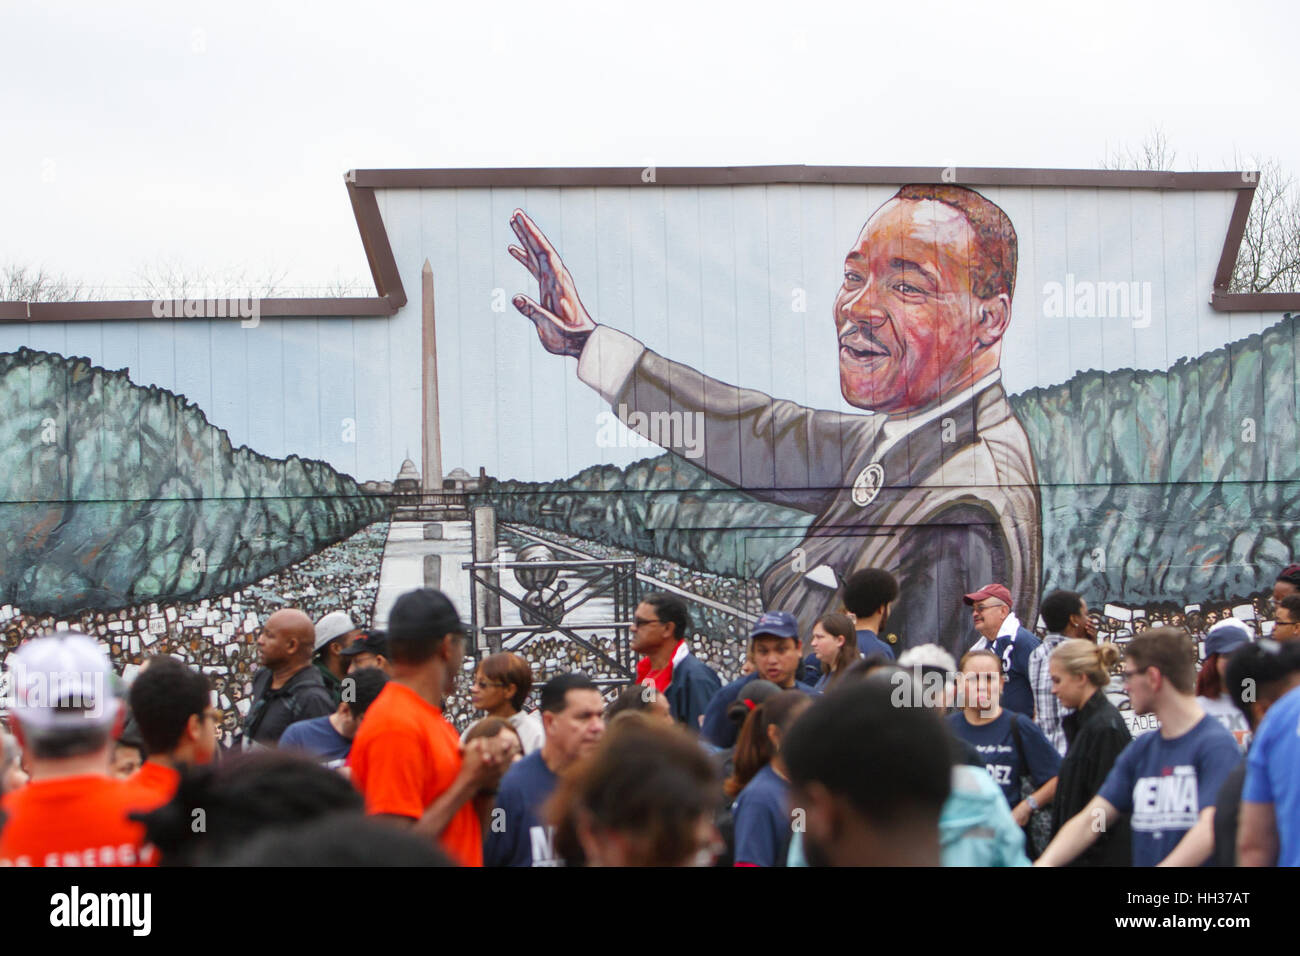 San Antonio, EE.UU.. El 16 de enero de 2017. Manifestantes de pie delante de un mural de Martin Luther King, Jr. Imagen De Stock